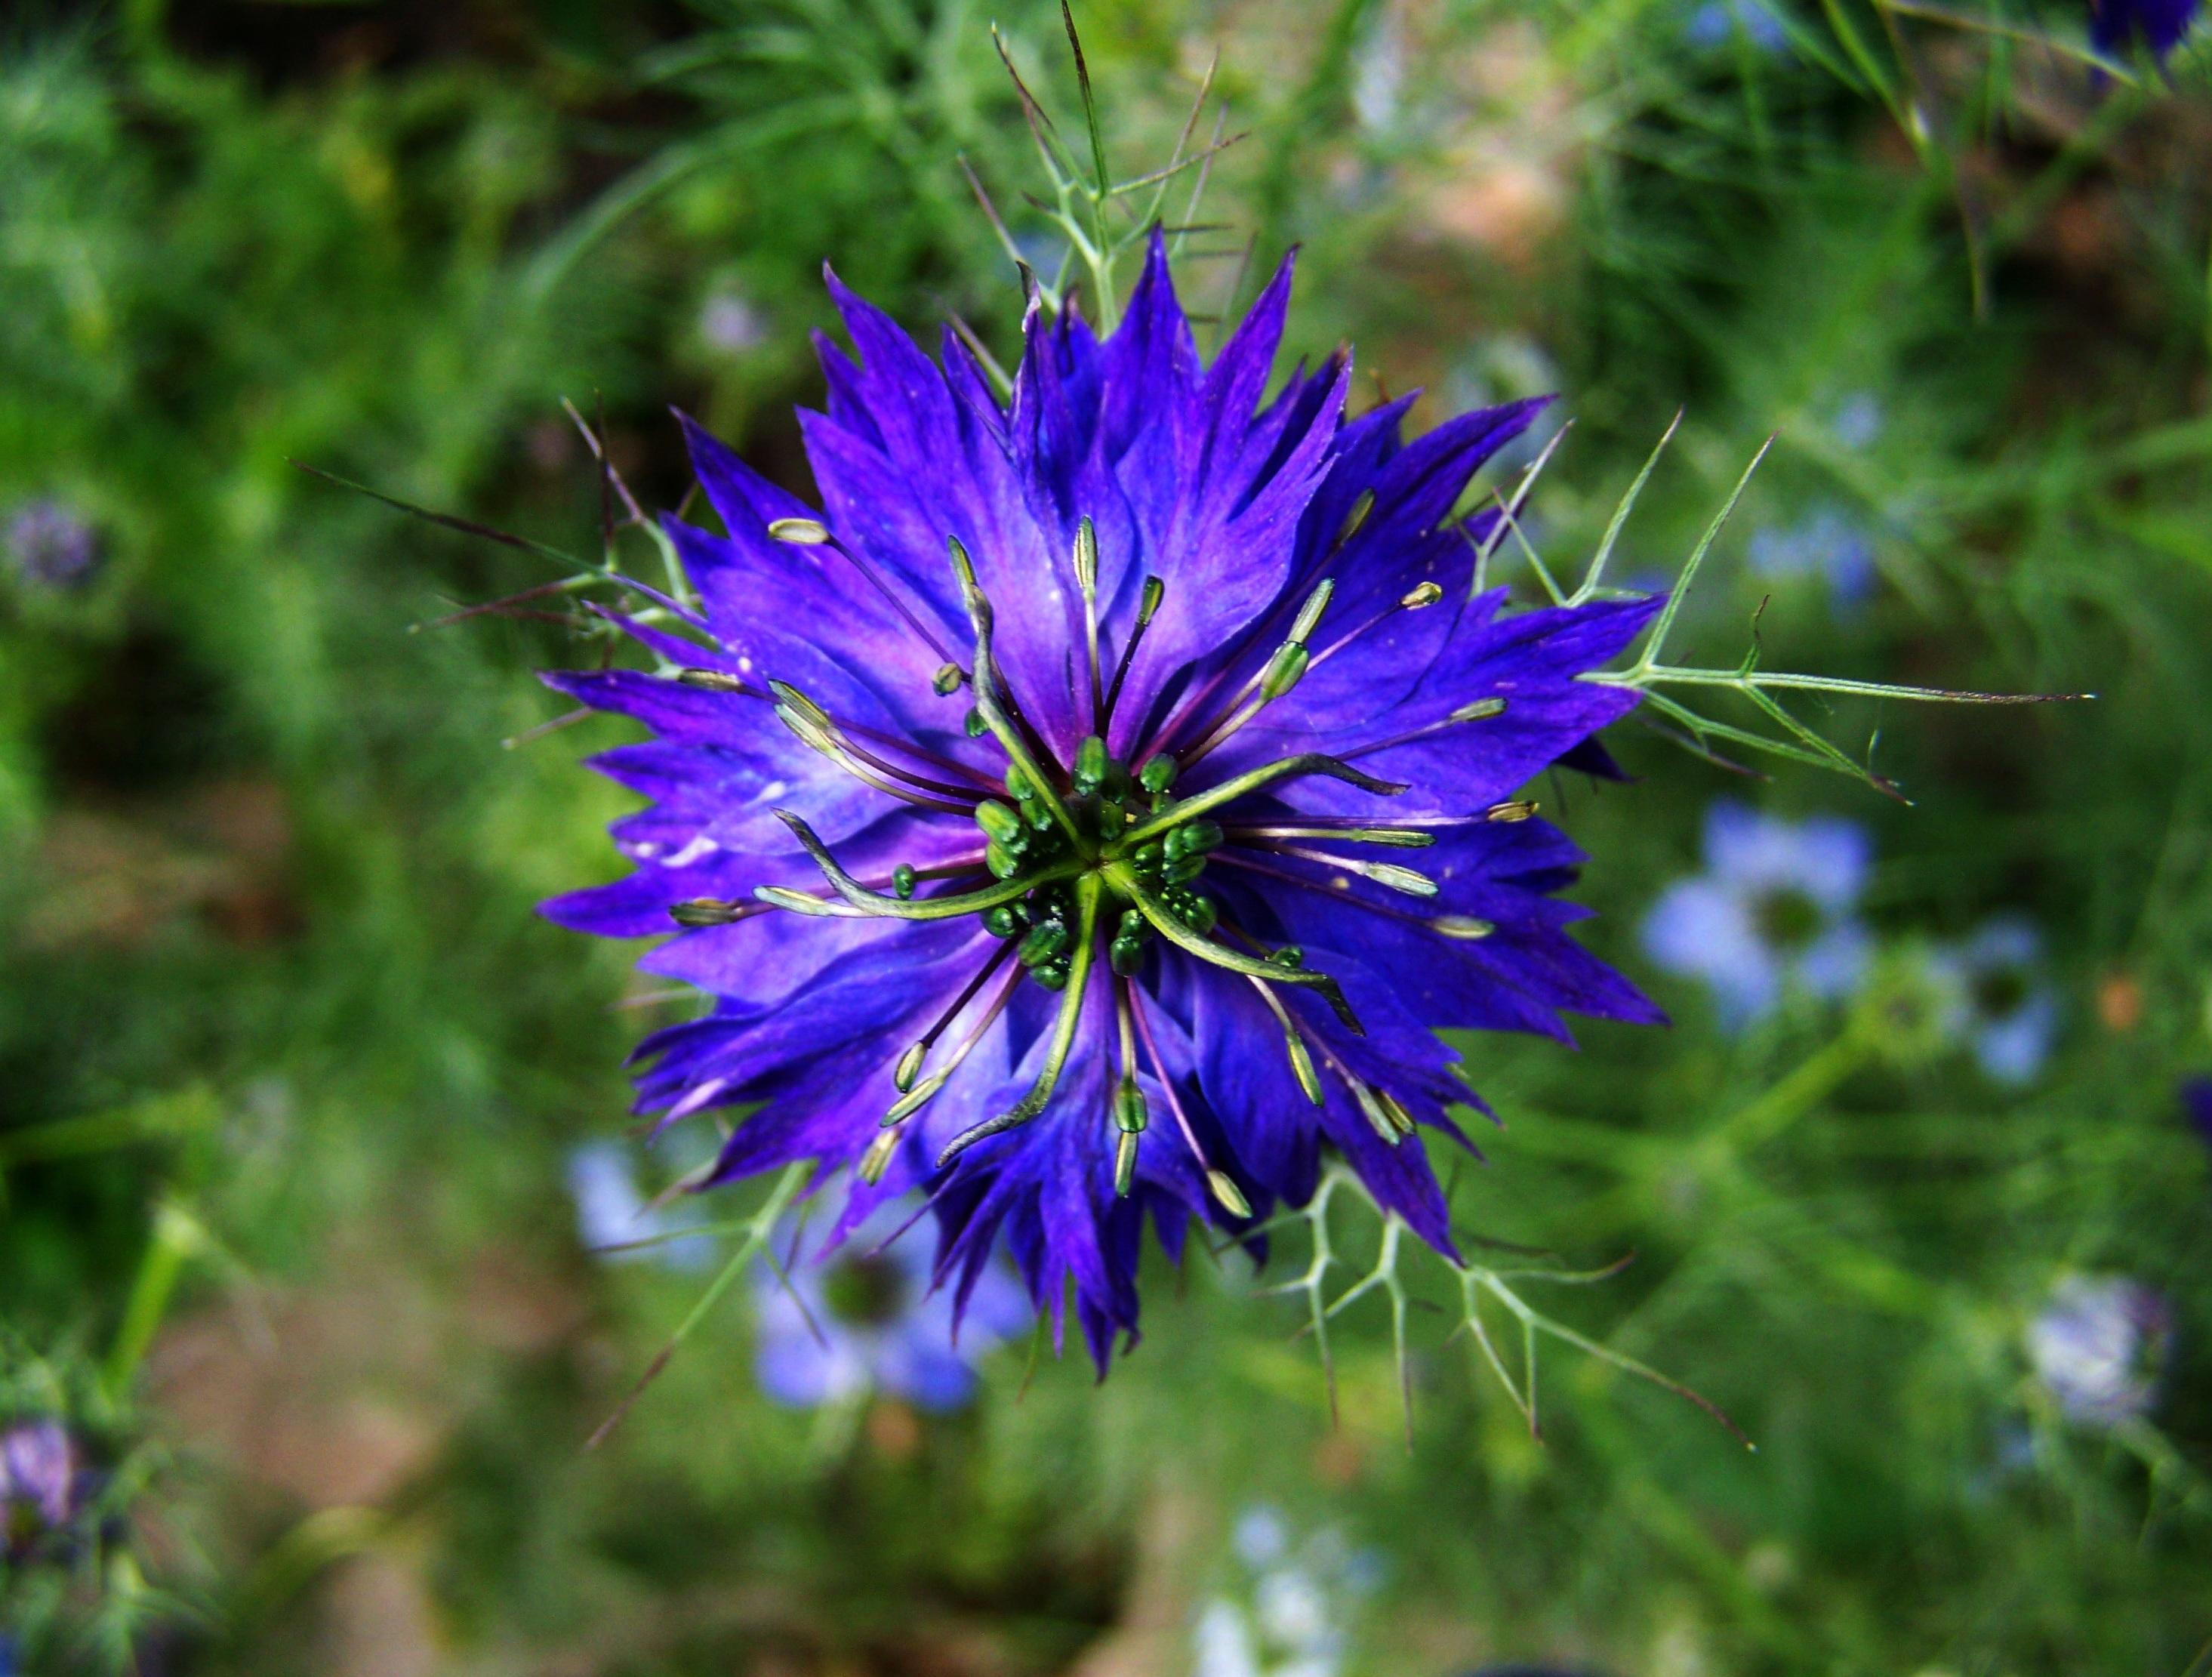 Garten blumen blau  Kostenlose foto : Natur, Wiese, Blume, Kraut, Botanik, Flora ...